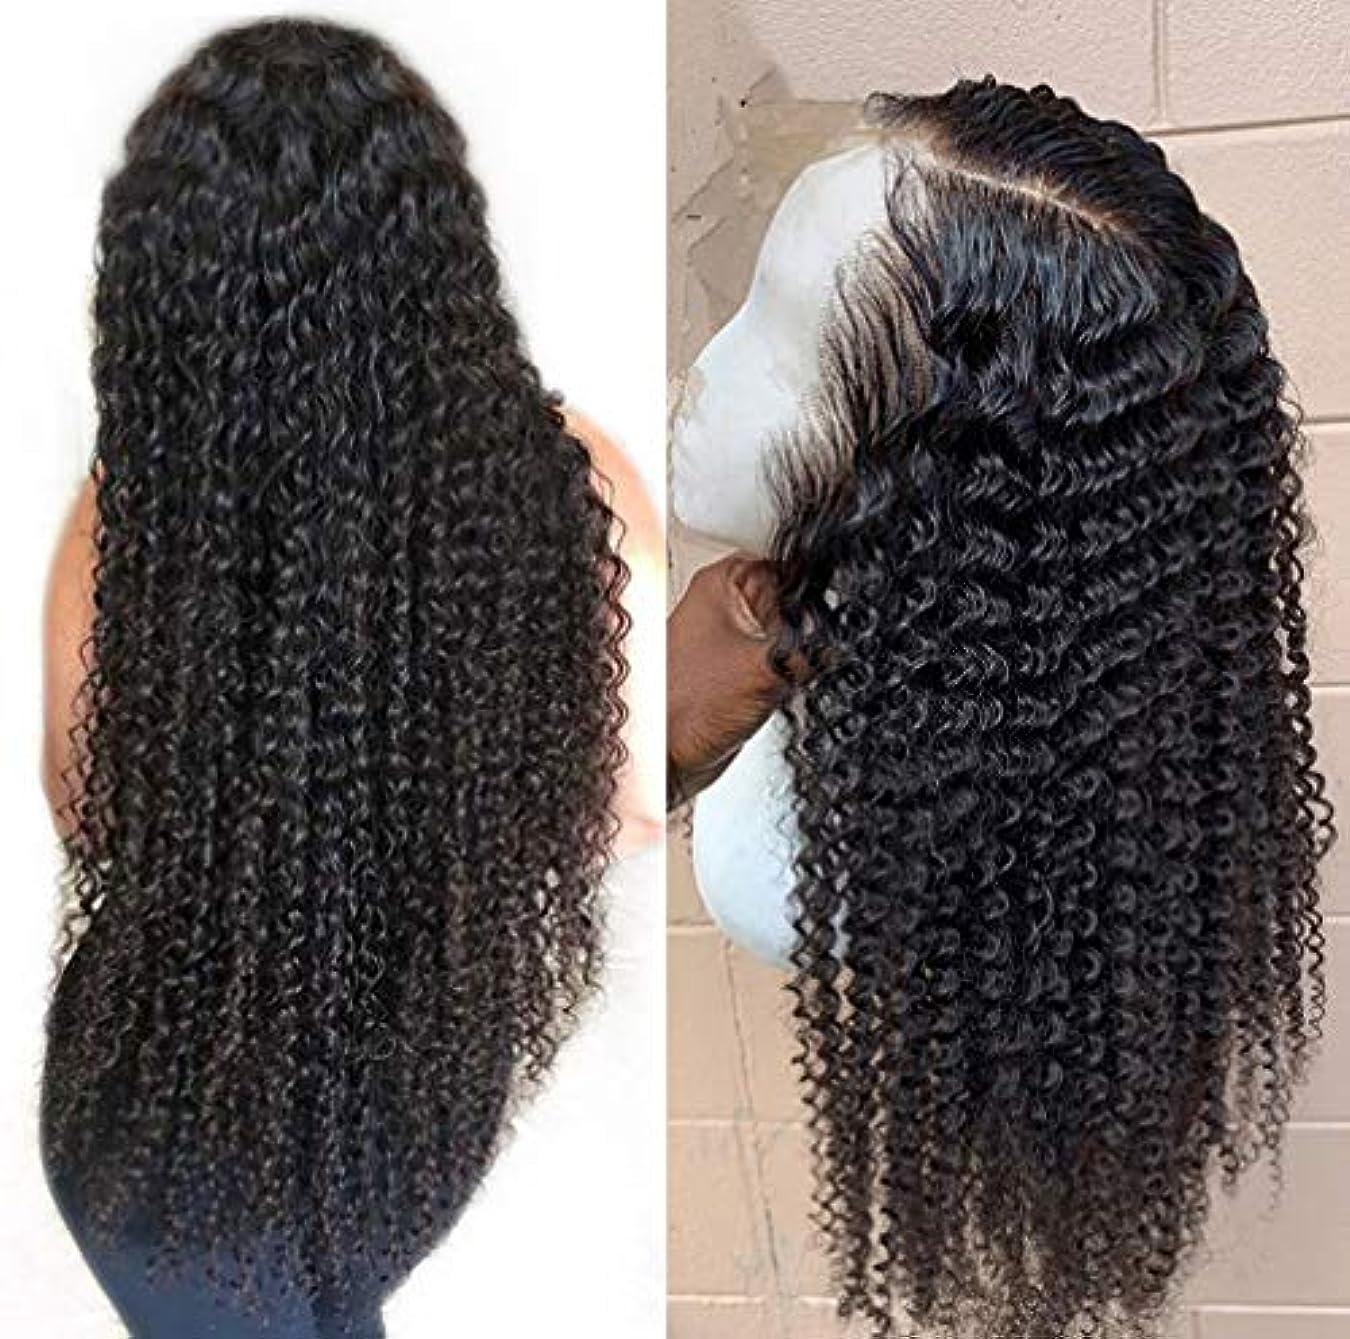 のみひねくれた蒸留女性13 * 6レースフロントかつらブラジル人間の髪水波ペルーバージン人間の髪調節可能なかつらベビーヘア